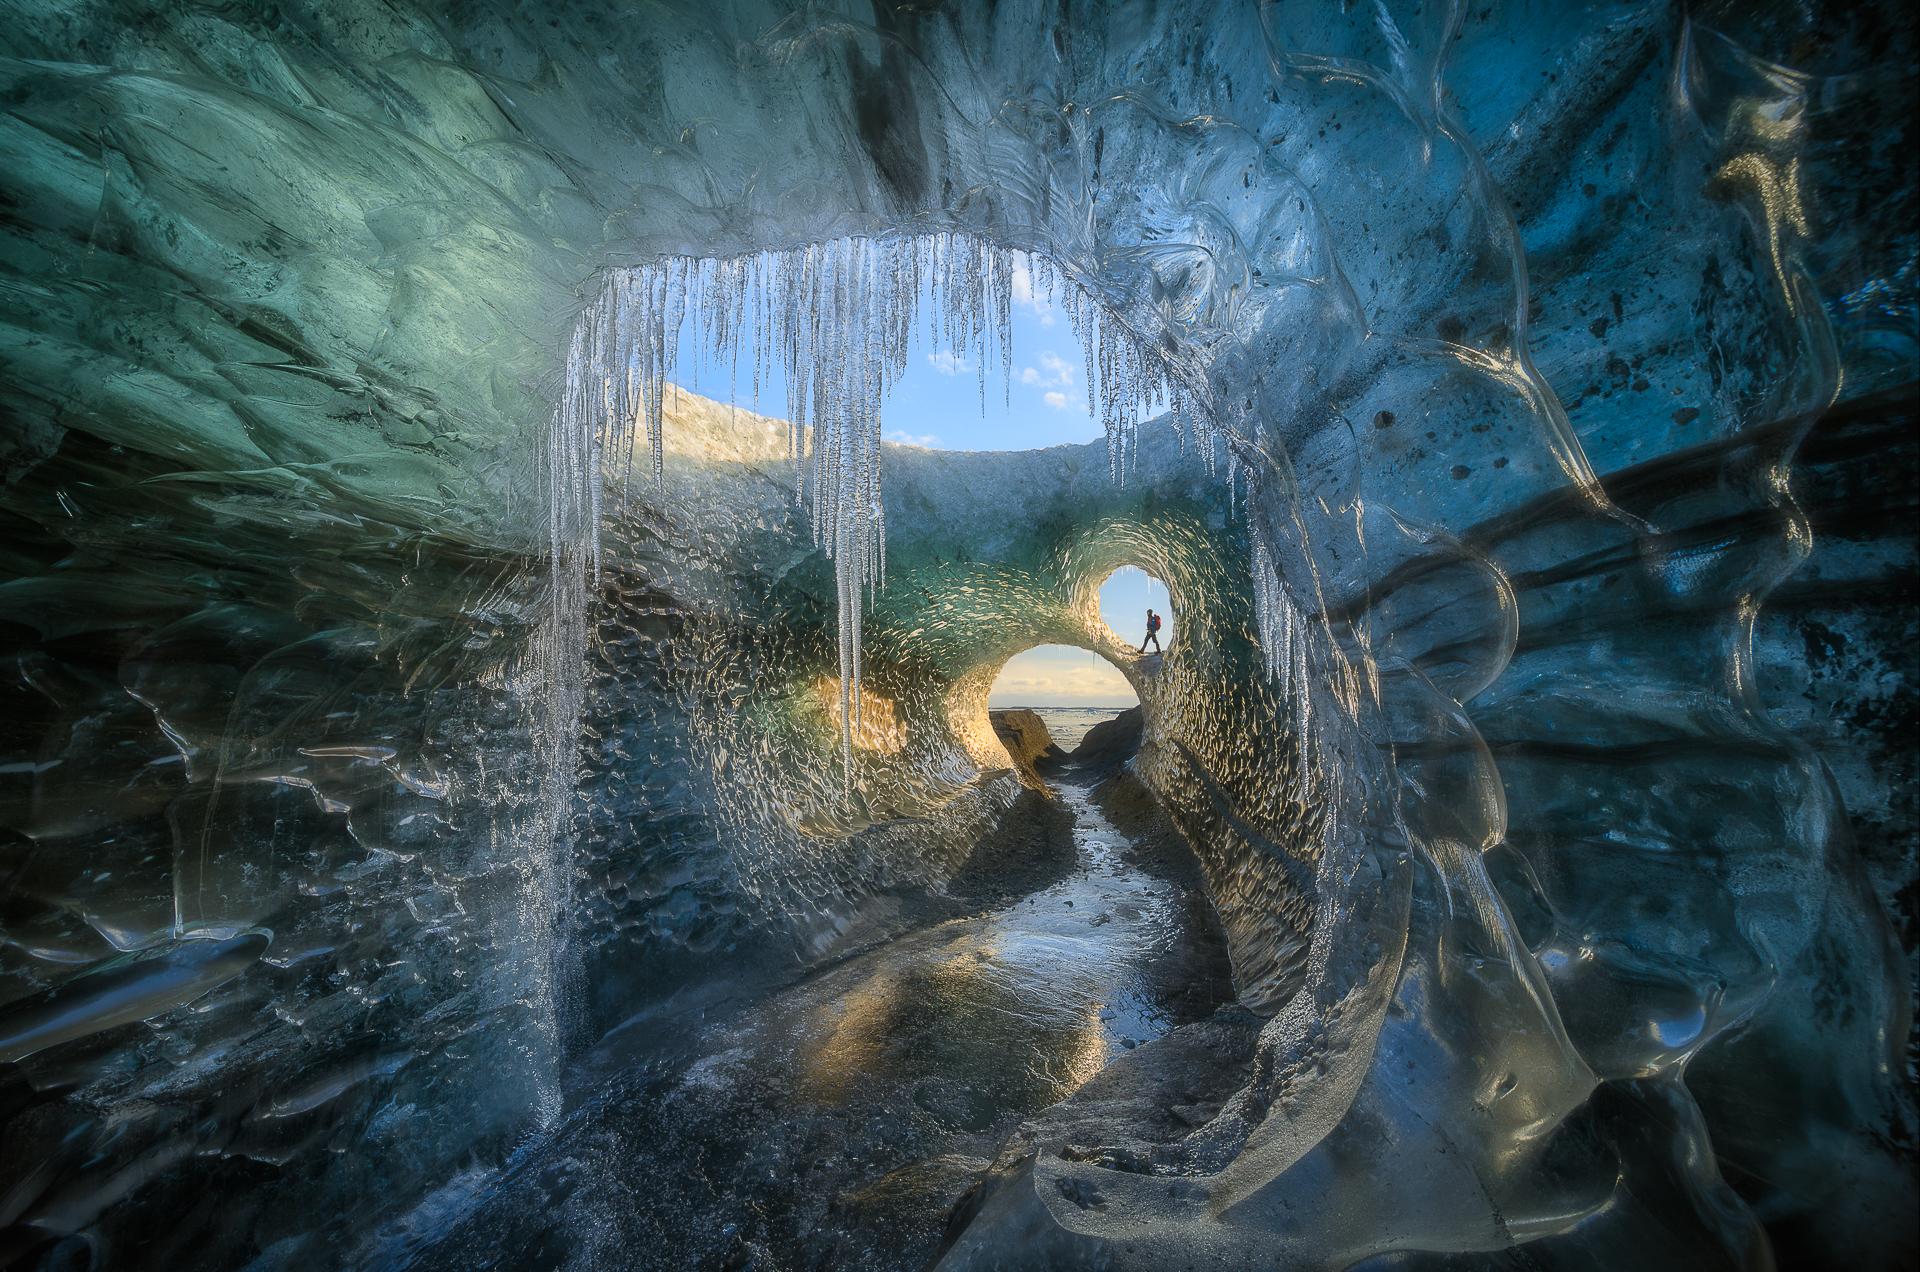 冬季四日摄影团   瓦特纳冰川国家公园、北极光和蓝冰洞